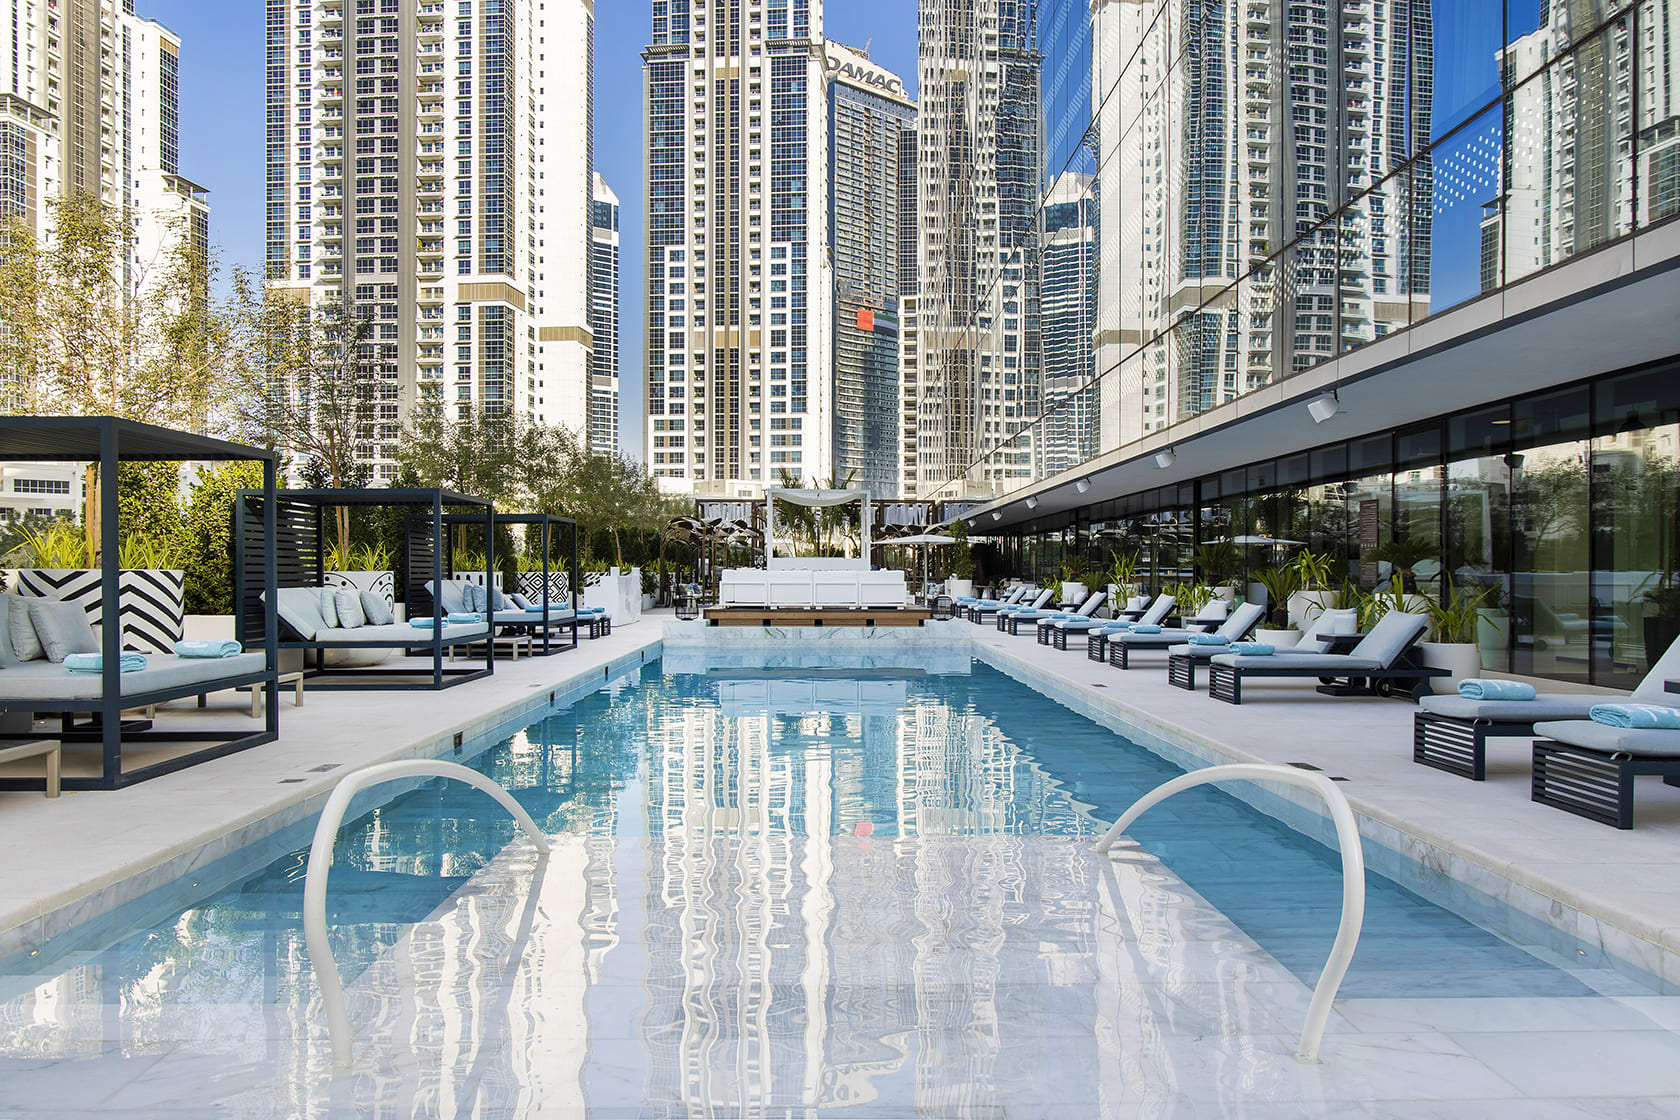 فندق في دبي يطلق باقة بقيمة 8.8 ملايين درهم للاحتفال بليلة رأس السنة